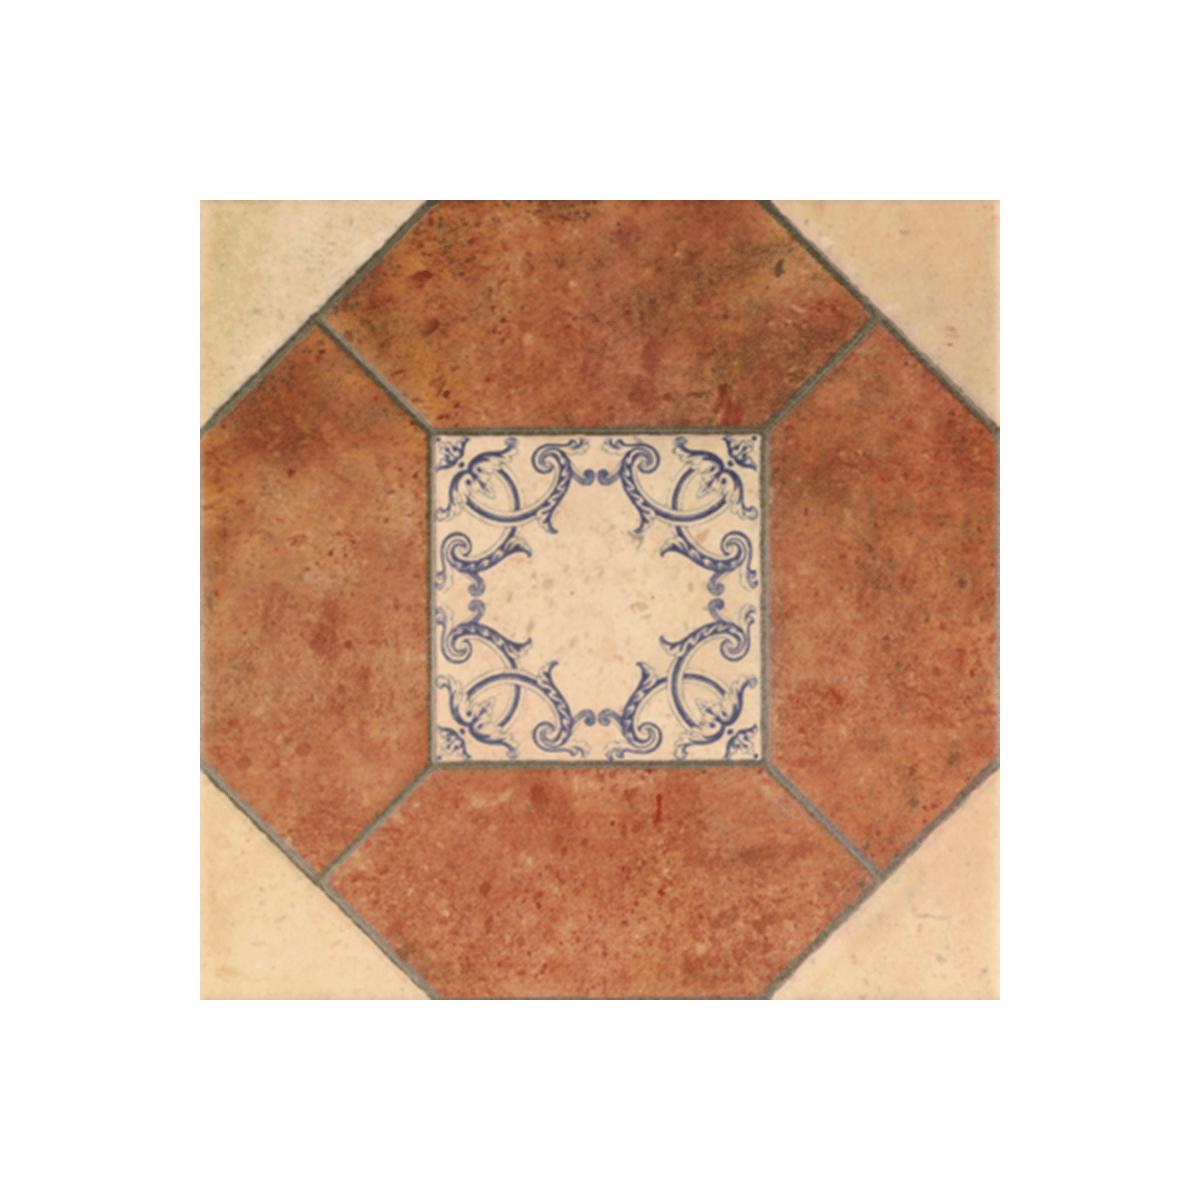 Olhambrillas Barro (m2) Pavimento piezas rústicas al mejor precio - Serie Barro